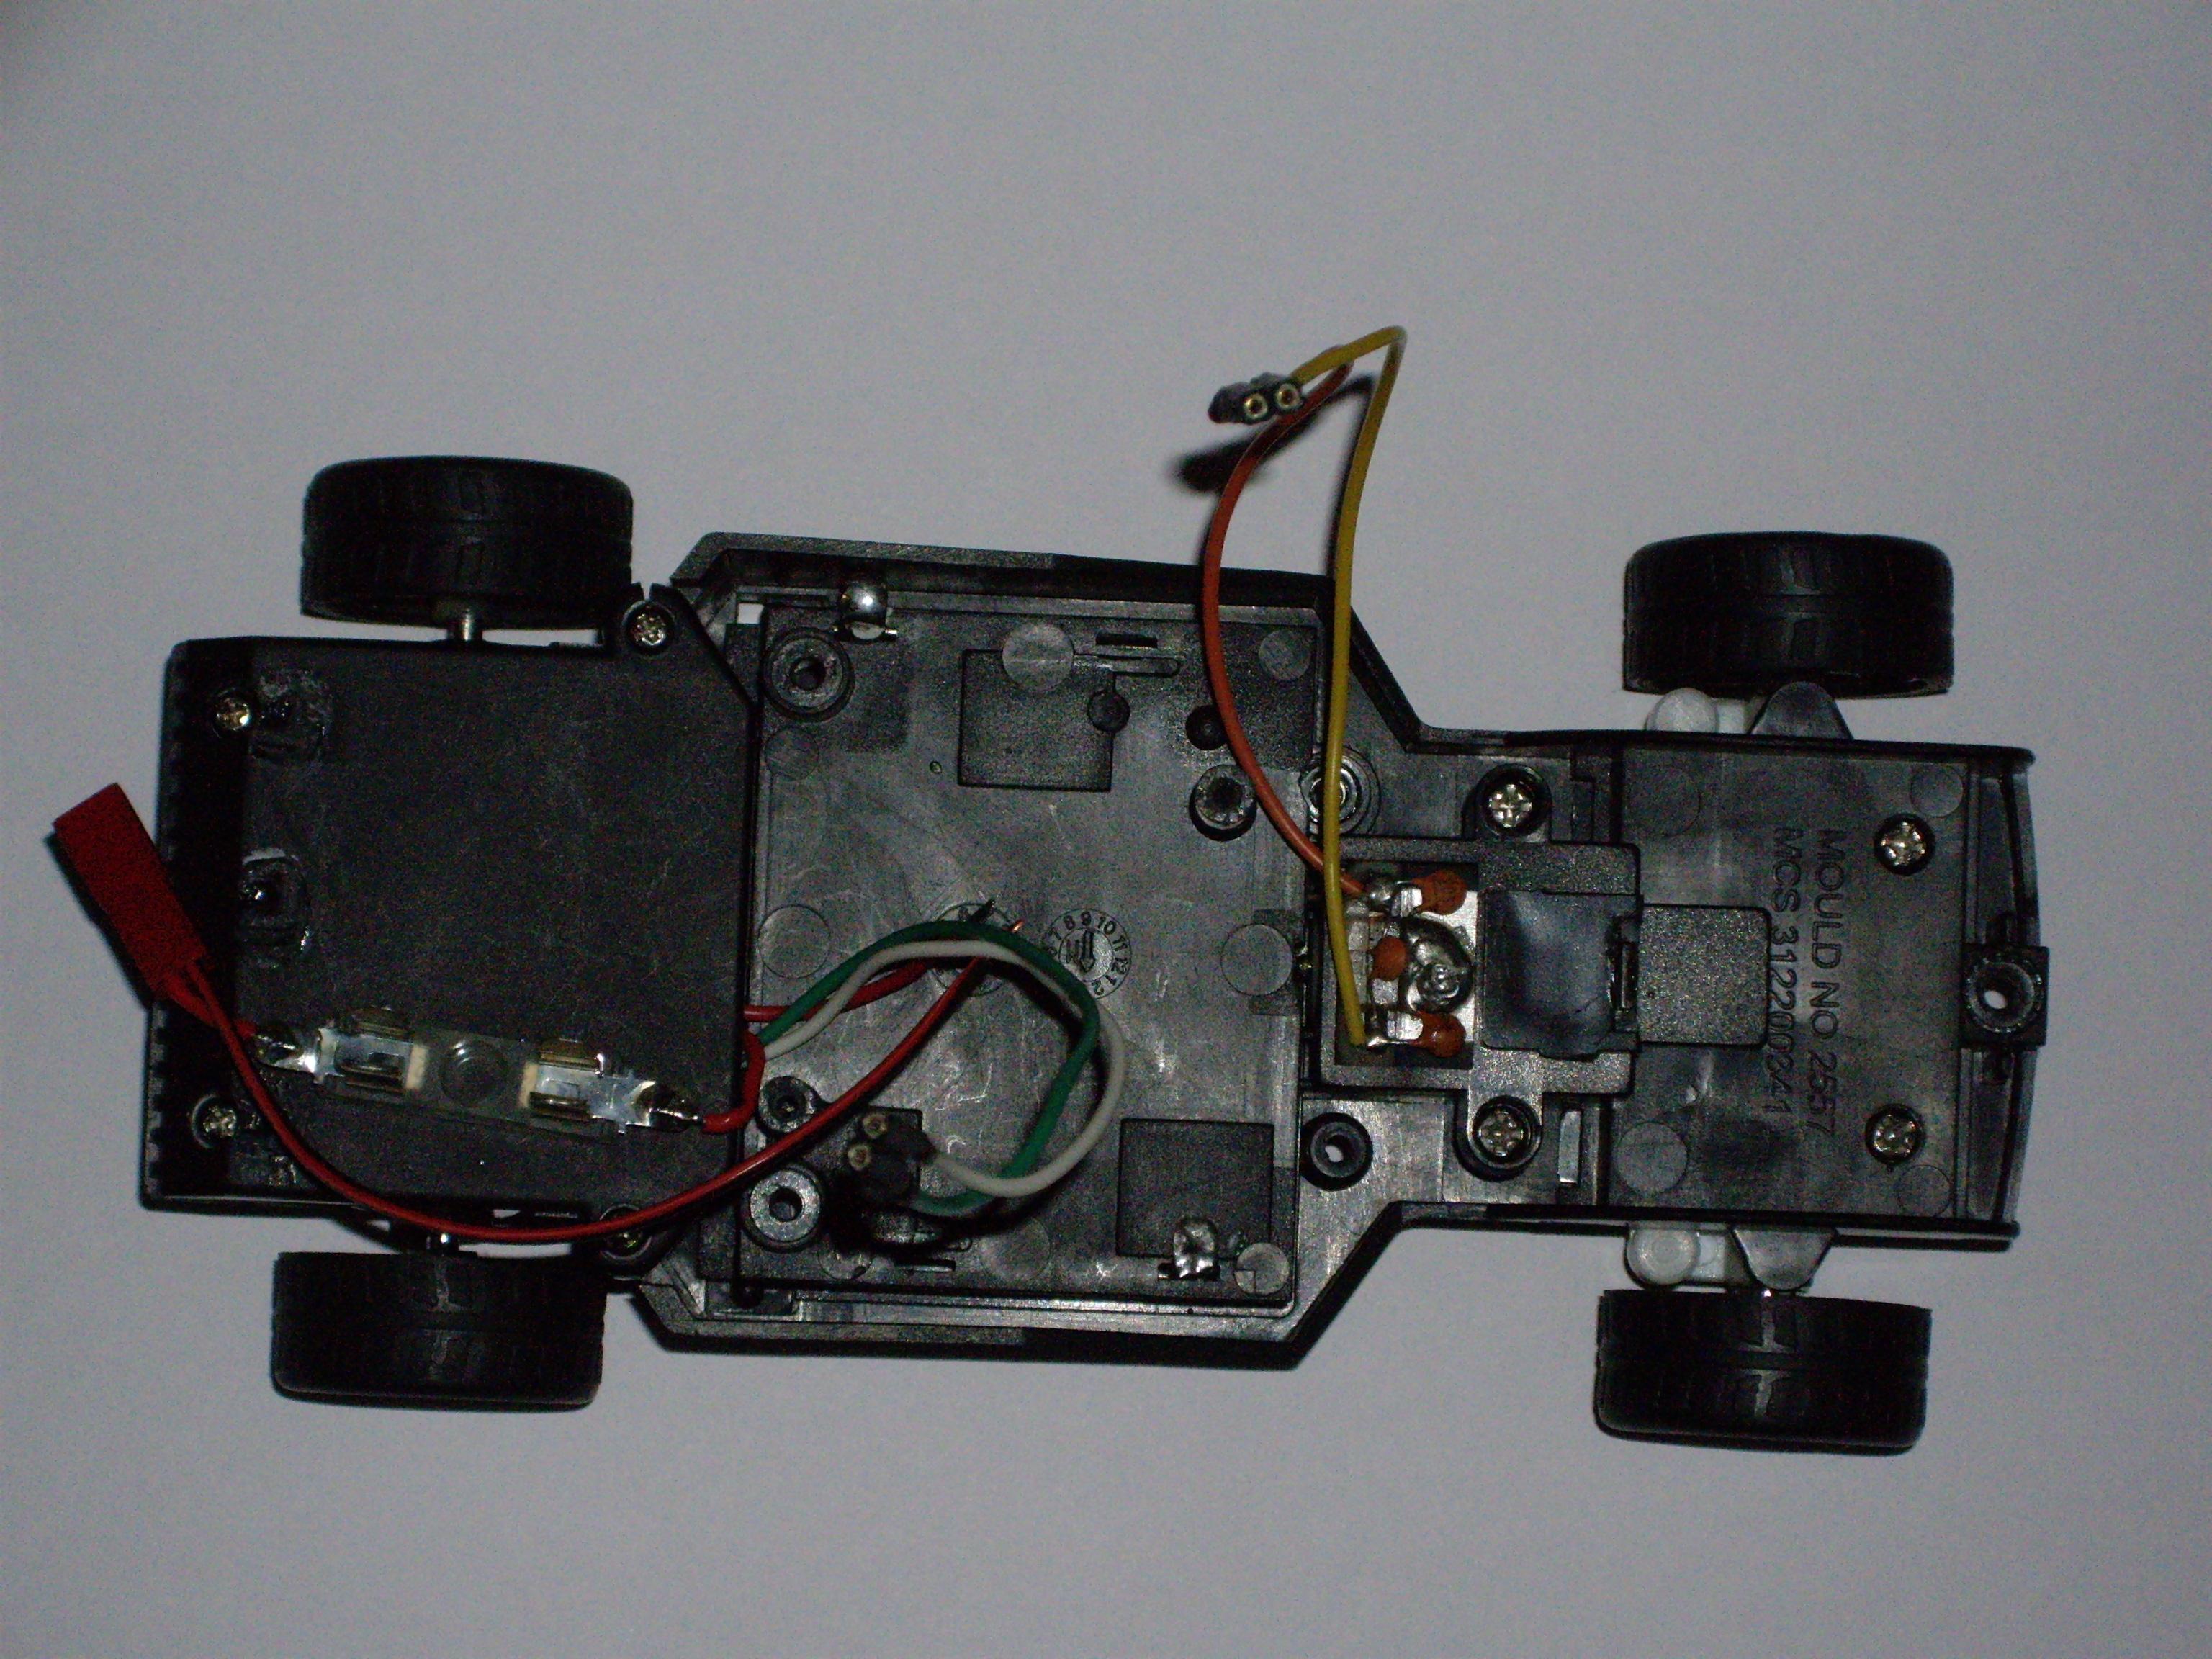 Circuito Bluetooth Casero : Robot con arduino motorshield módulo bluetooth y cámara portatil